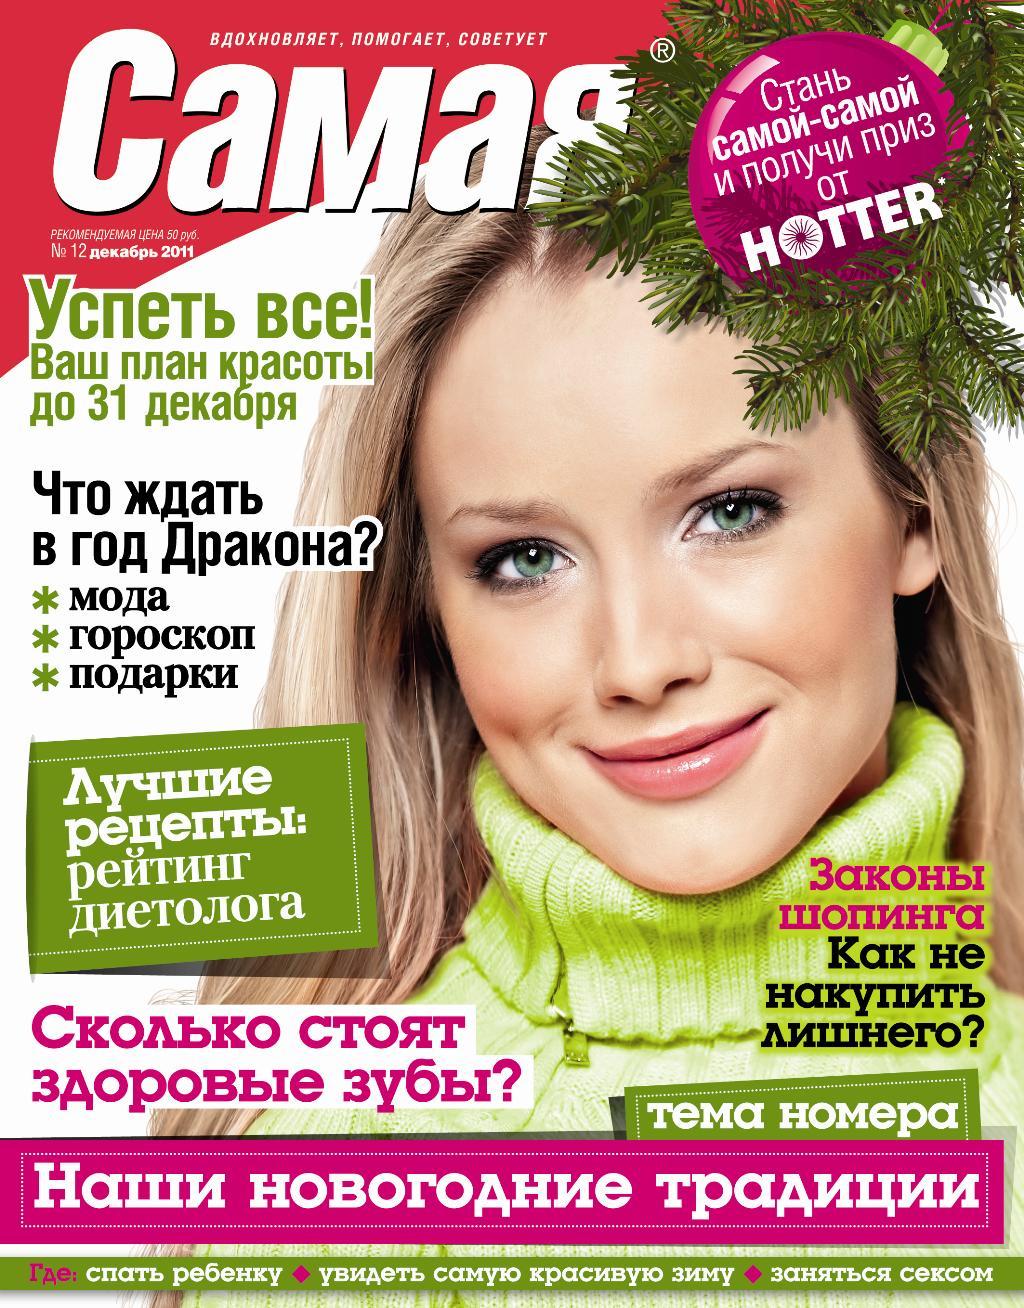 журнал питание малыша 2011г.